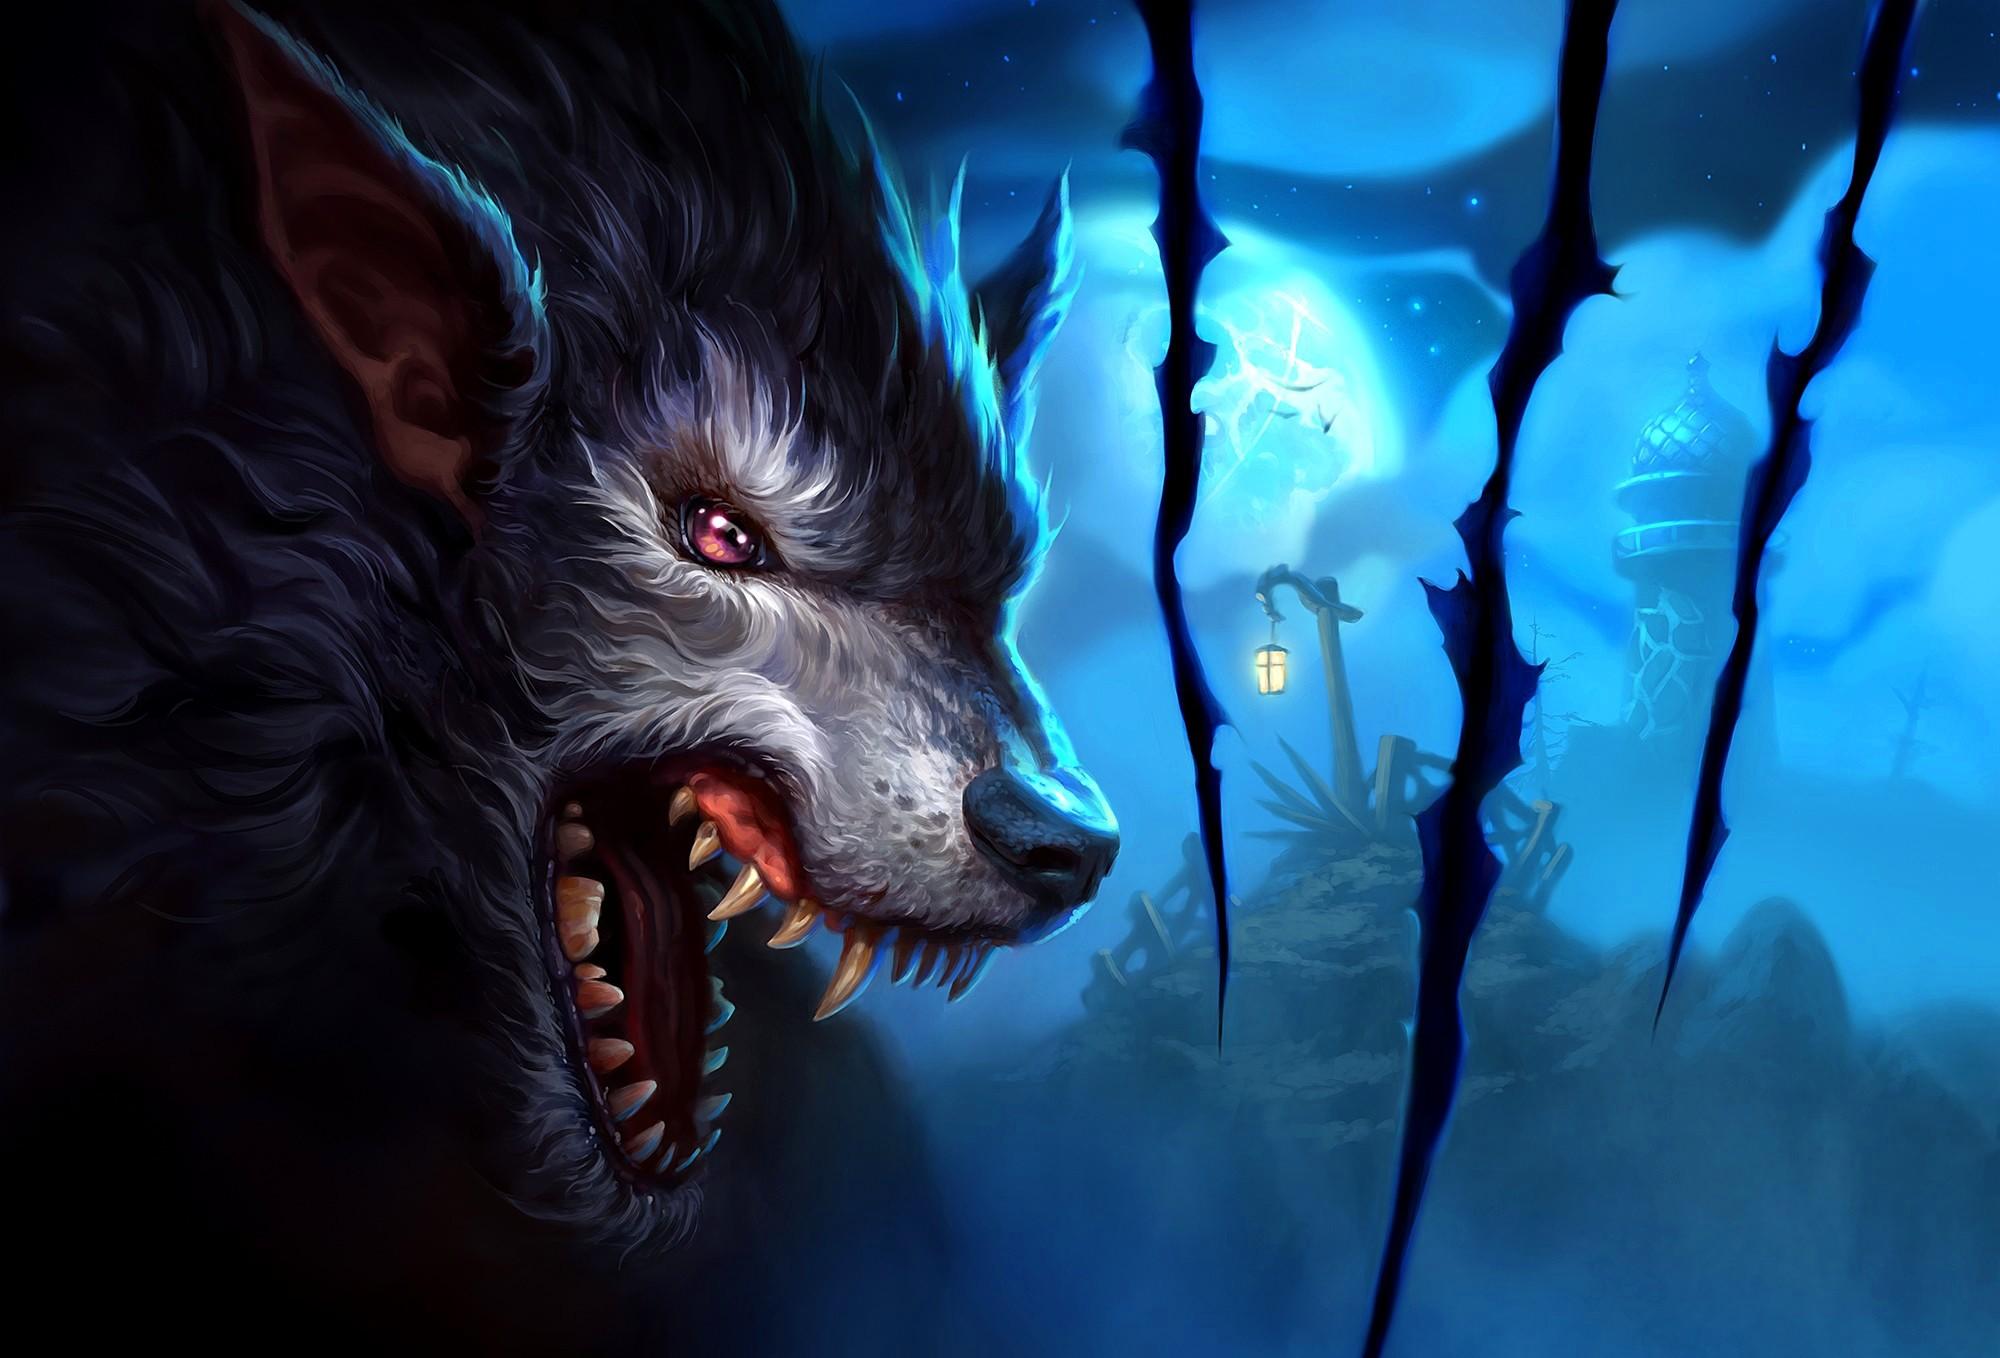 Wild Wolf Moon – HD animal animation wallpapers – Wild Wolf Moon